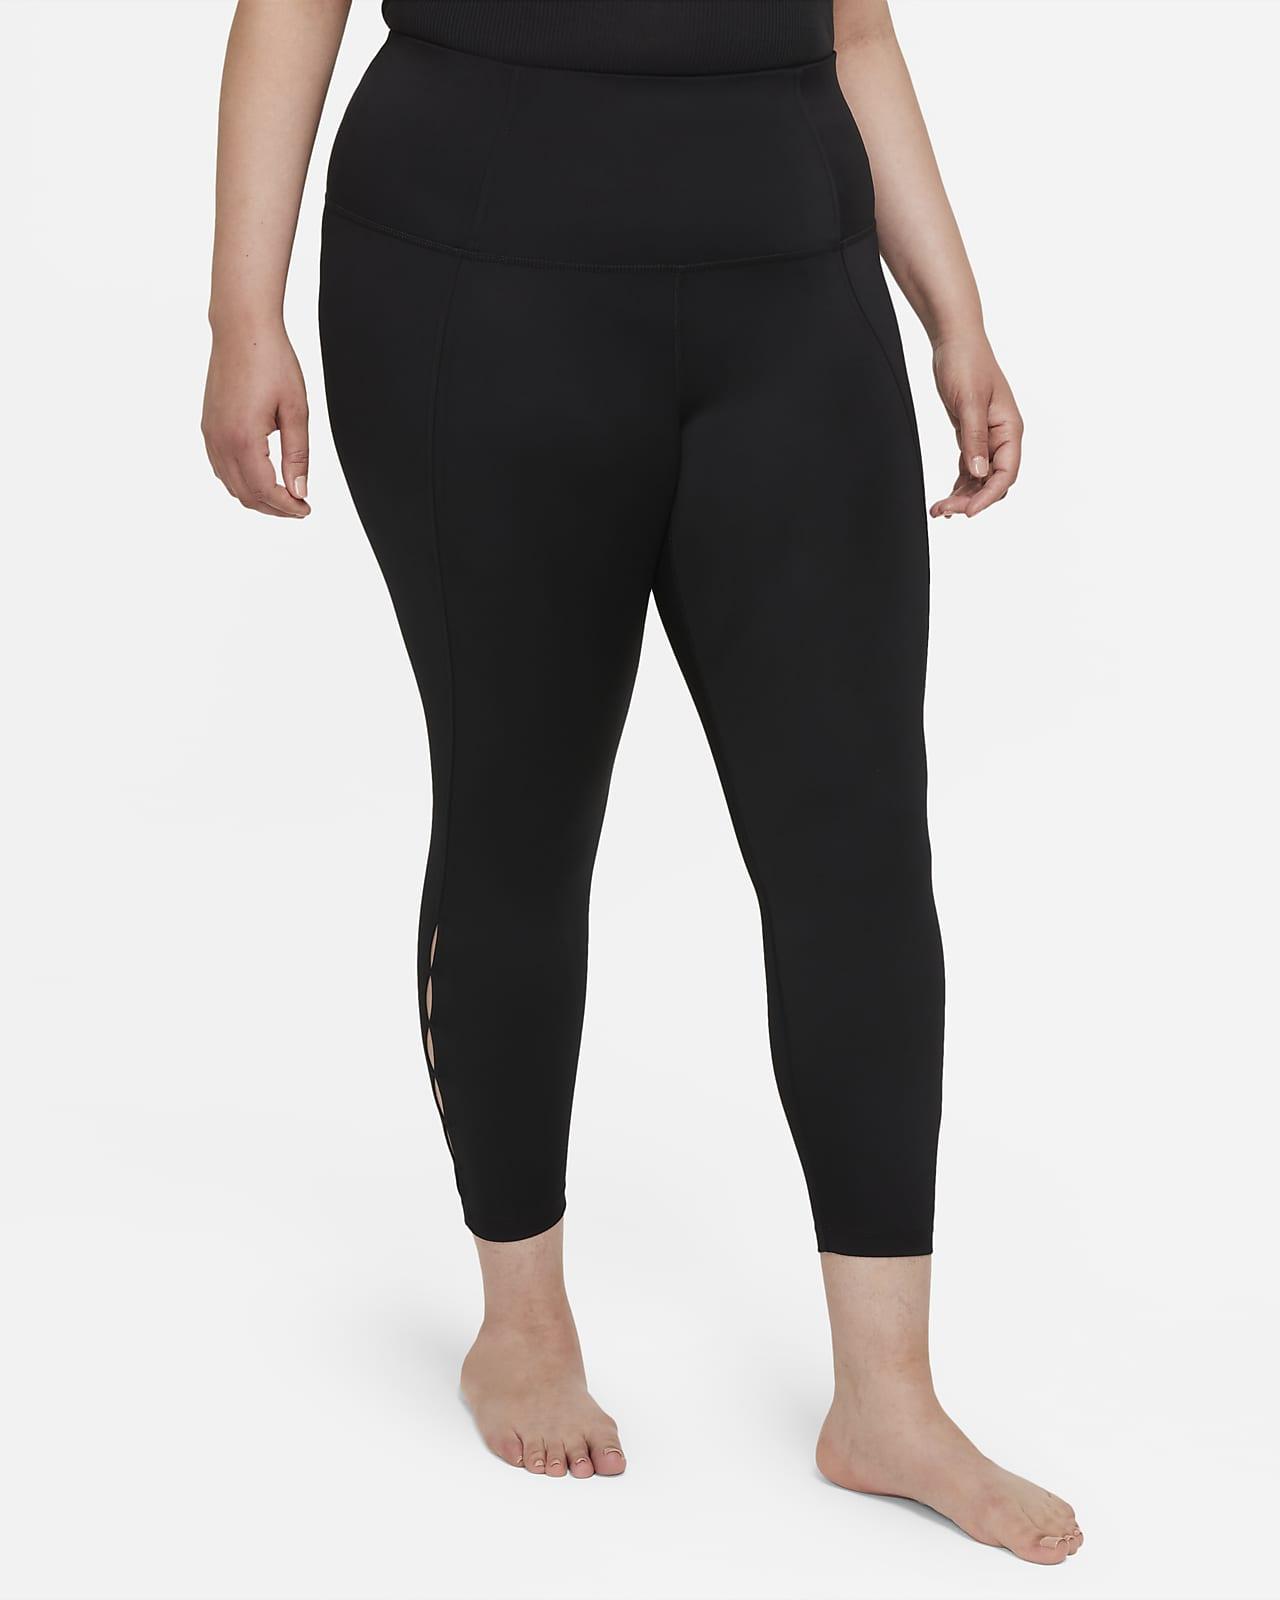 Leggings recortados de cintura alta de 7/8 para mujer Nike Yoga Dri-FIT (talla grande)